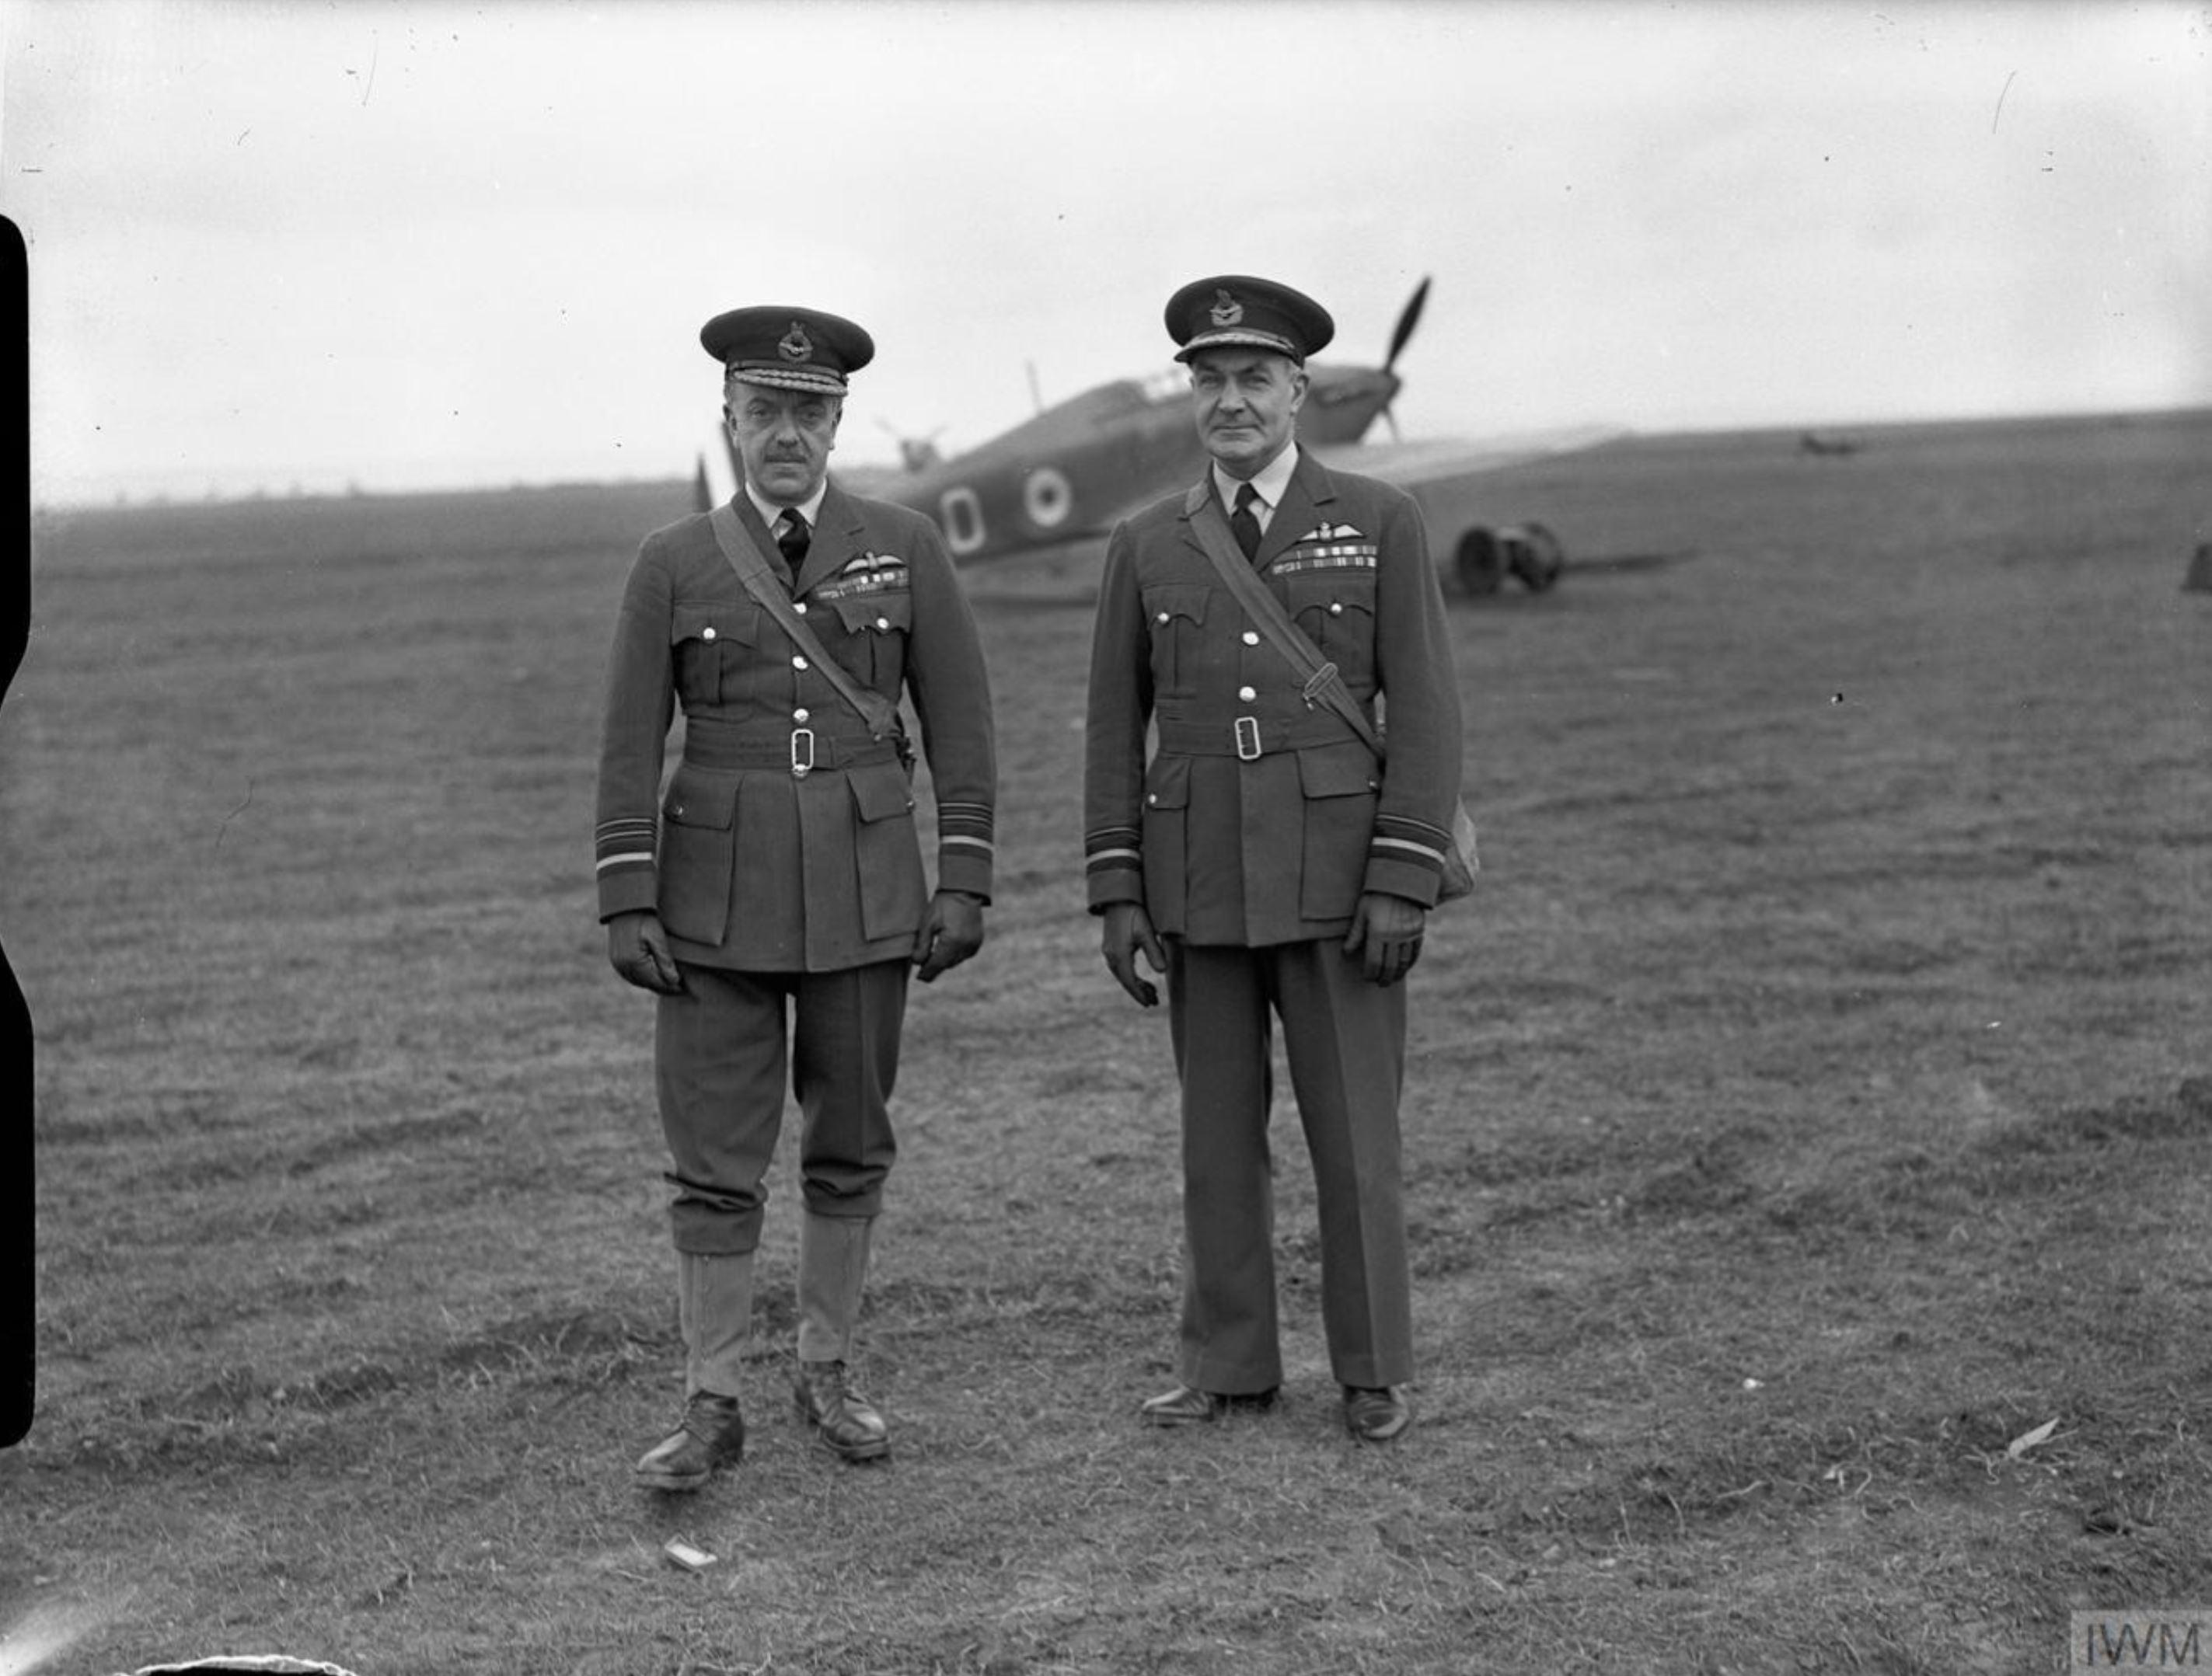 Aircrew RAF 73Sqn Air Marshal AS Barratt at Rouvres France 1940 IWM CH1133